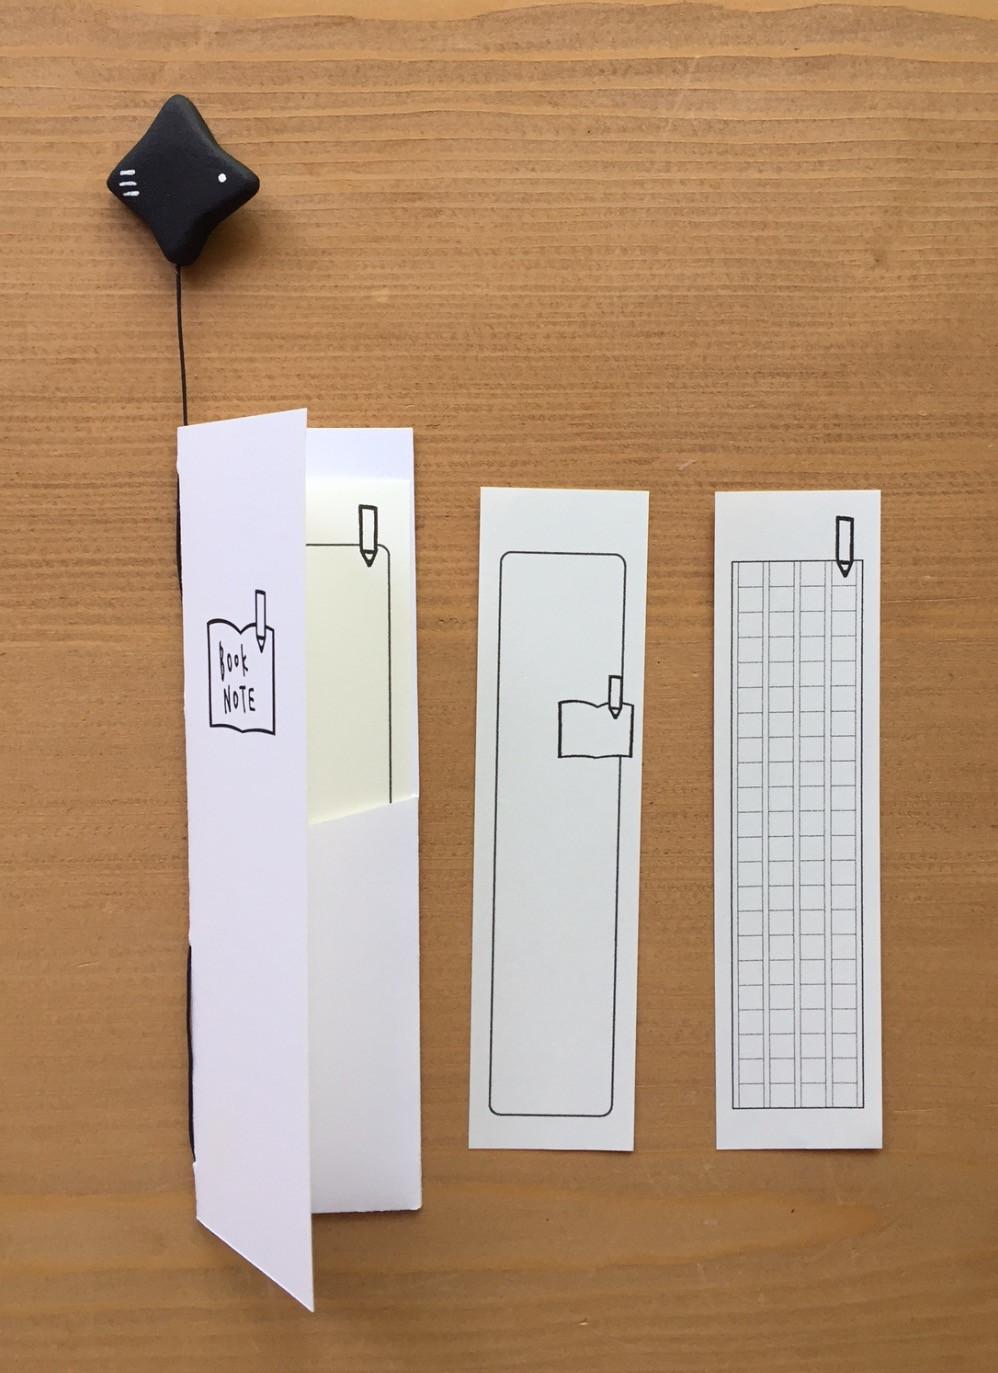 ポケットを付けてメモ用紙をセットしました。